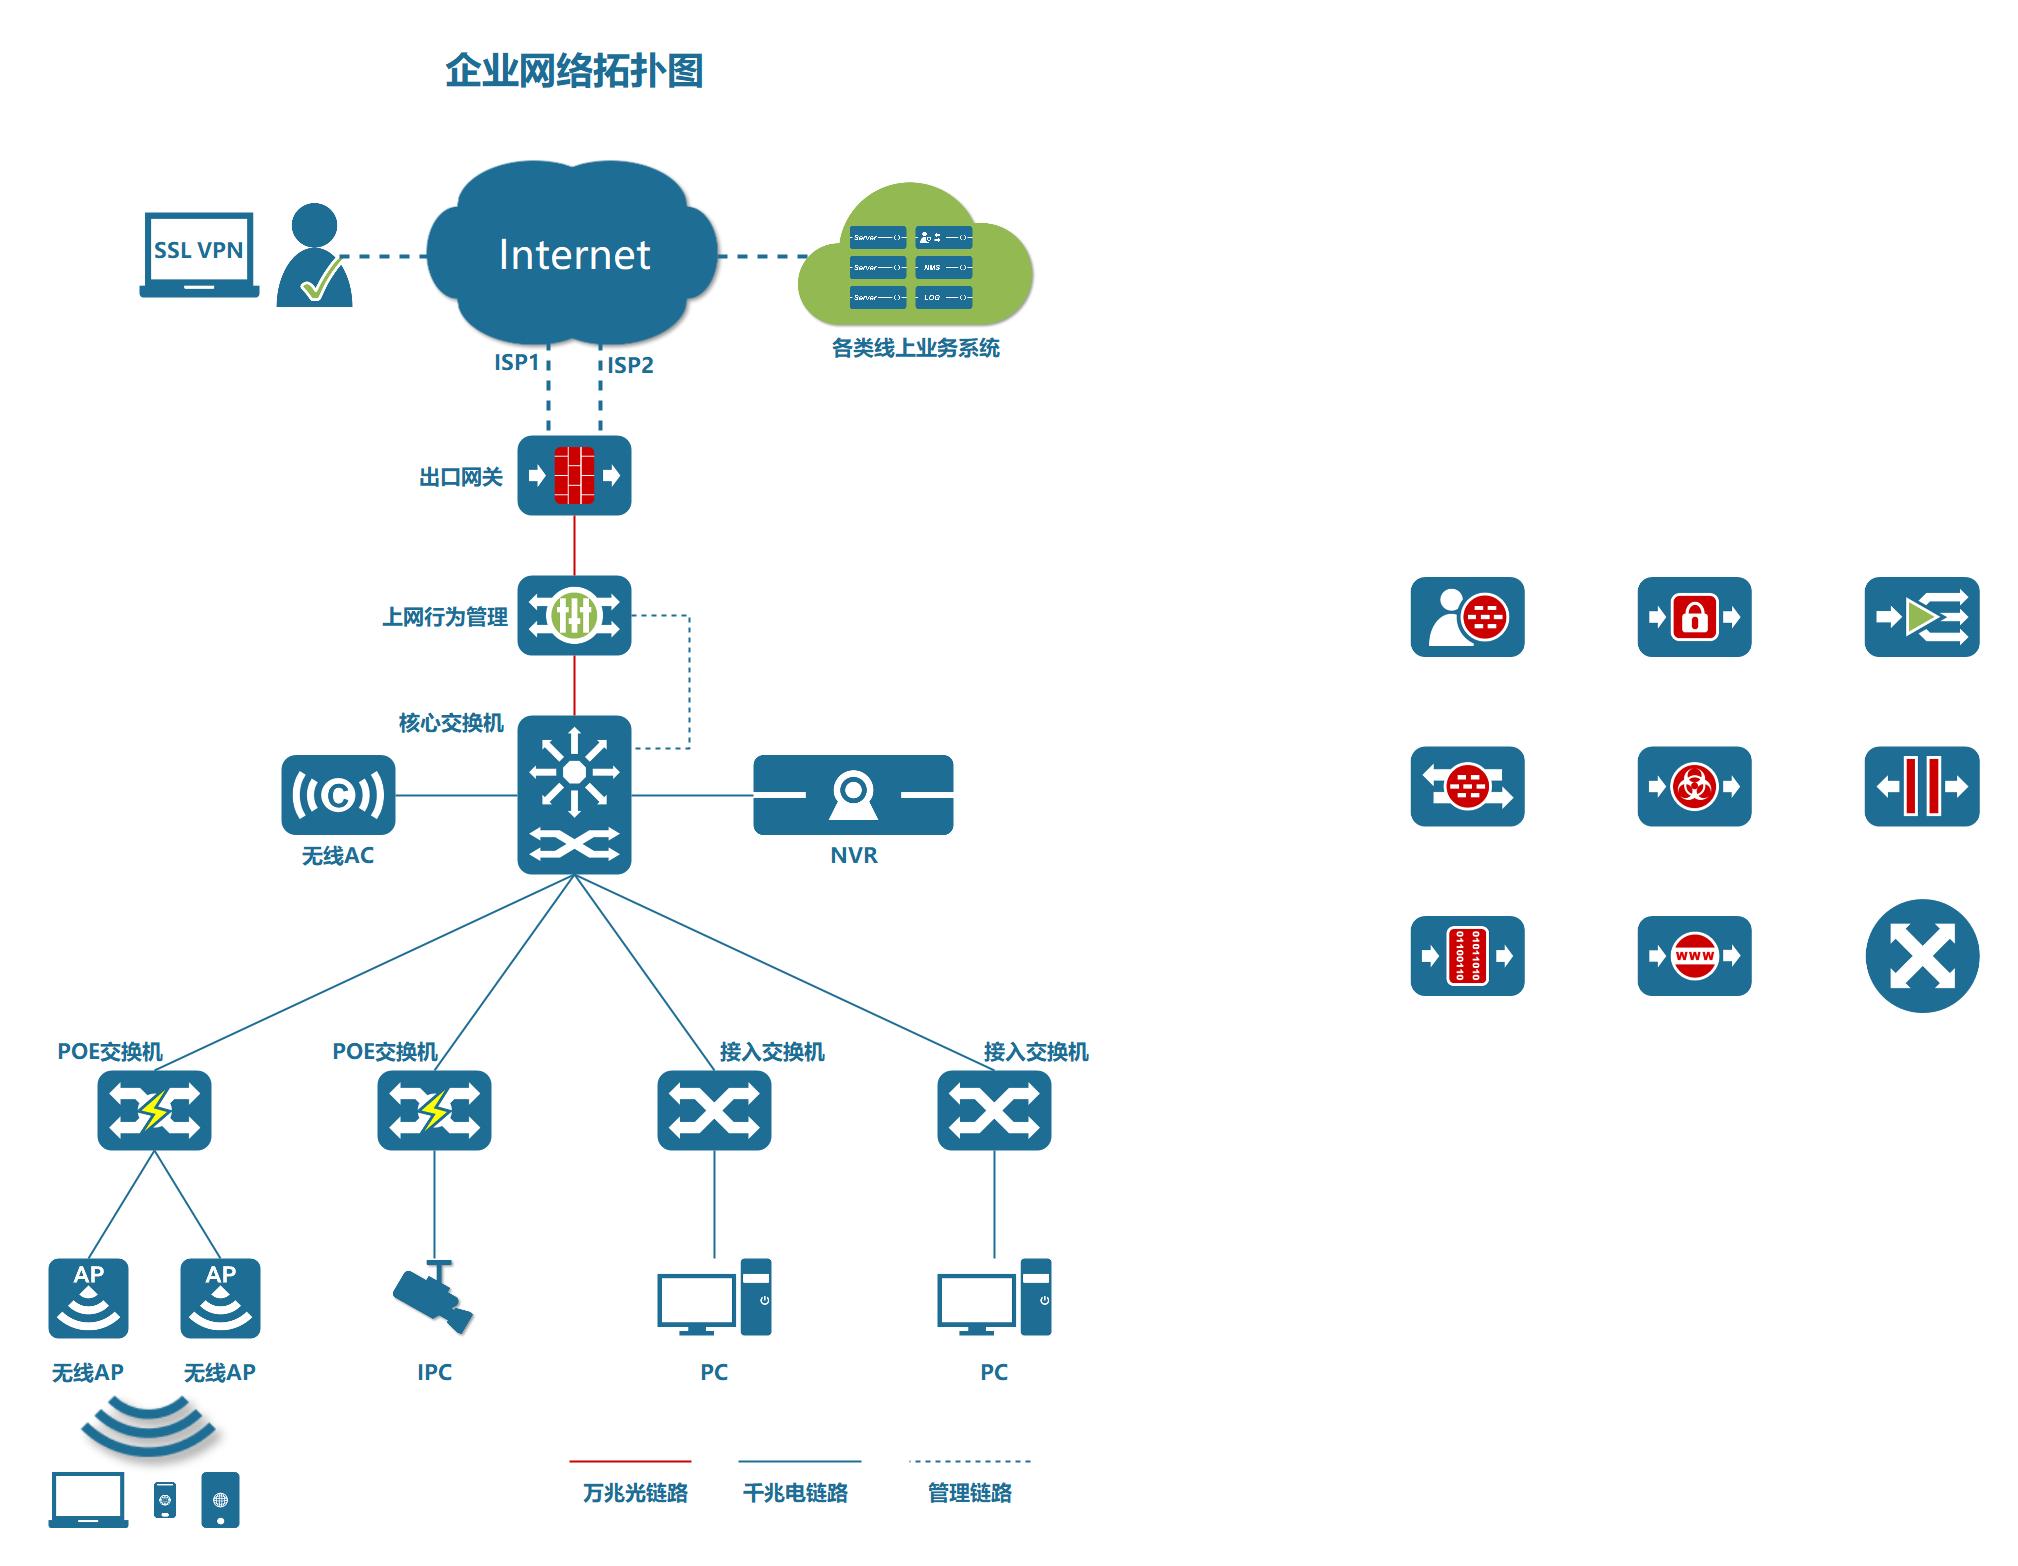 典型企业网络架构拓扑图